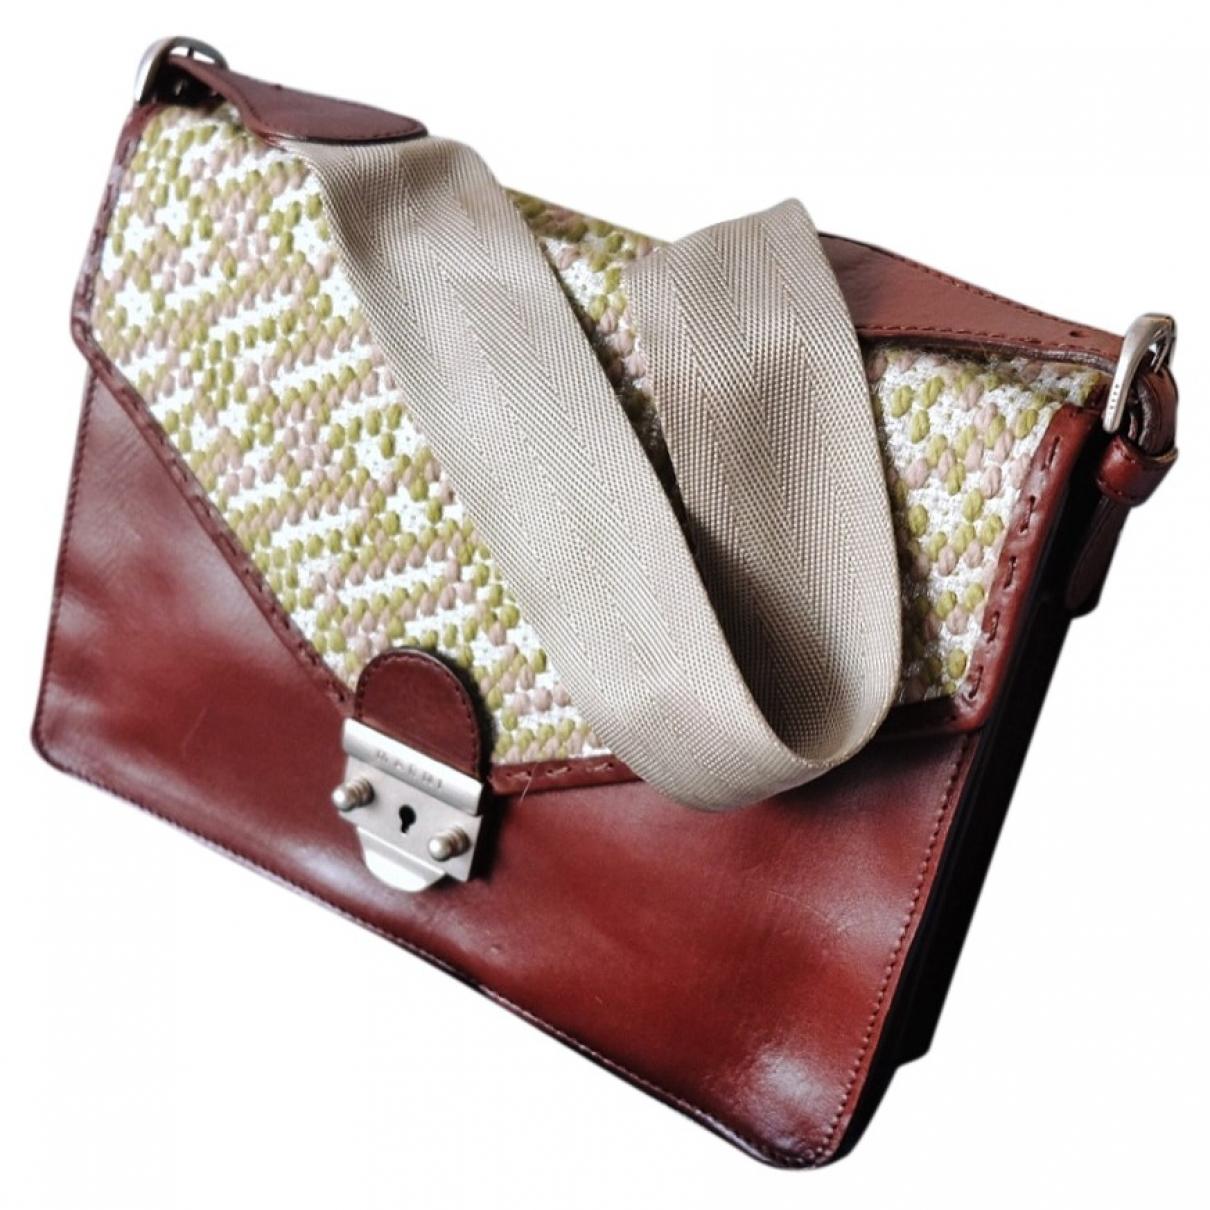 Marni \N Handtasche in  Bunt Leder